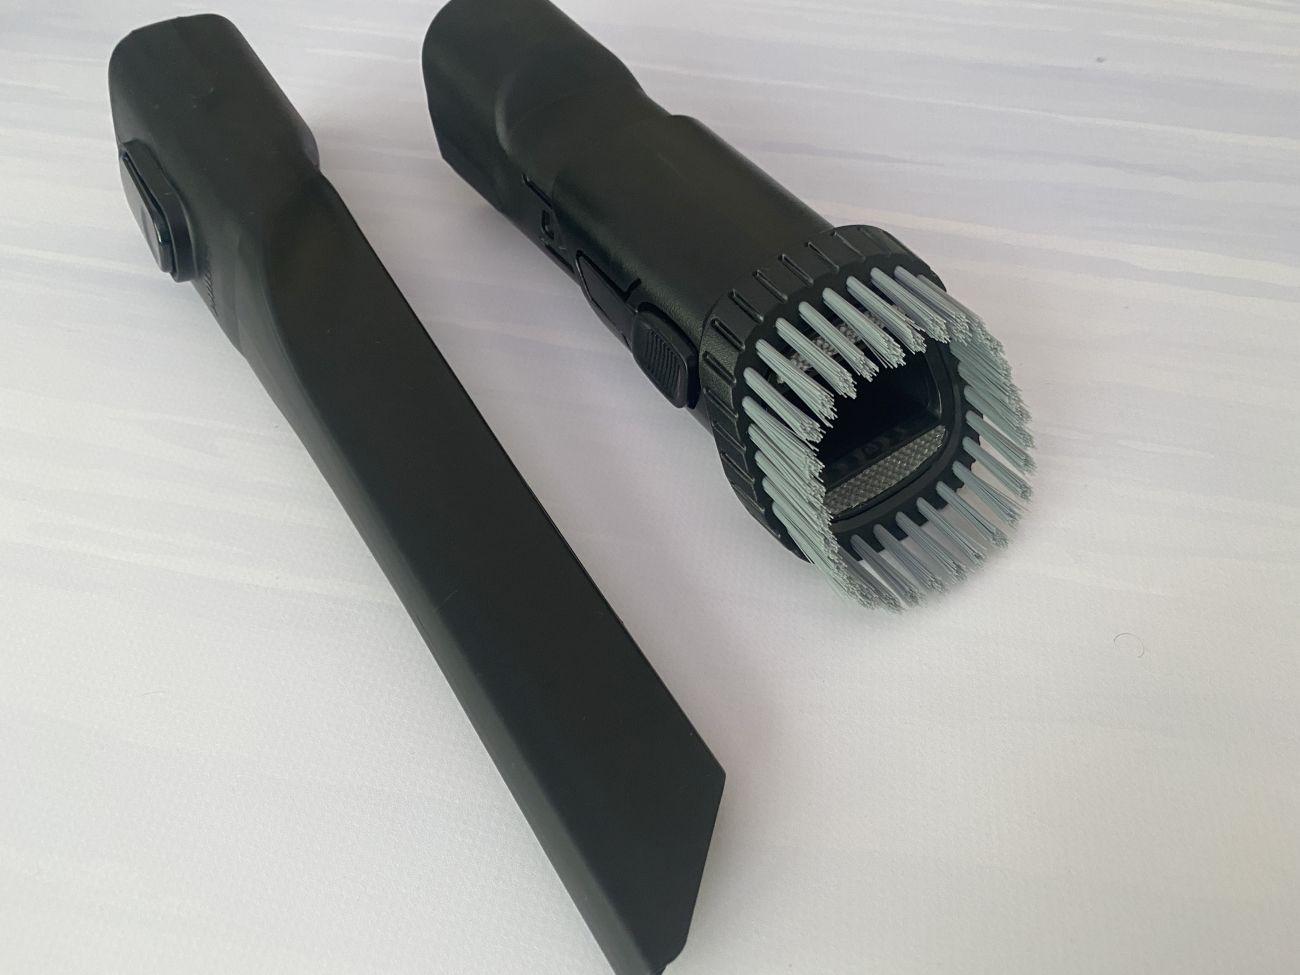 Philips XC8349/01 dodatkowe końcówki: szczelinówka i szczotka 2w1